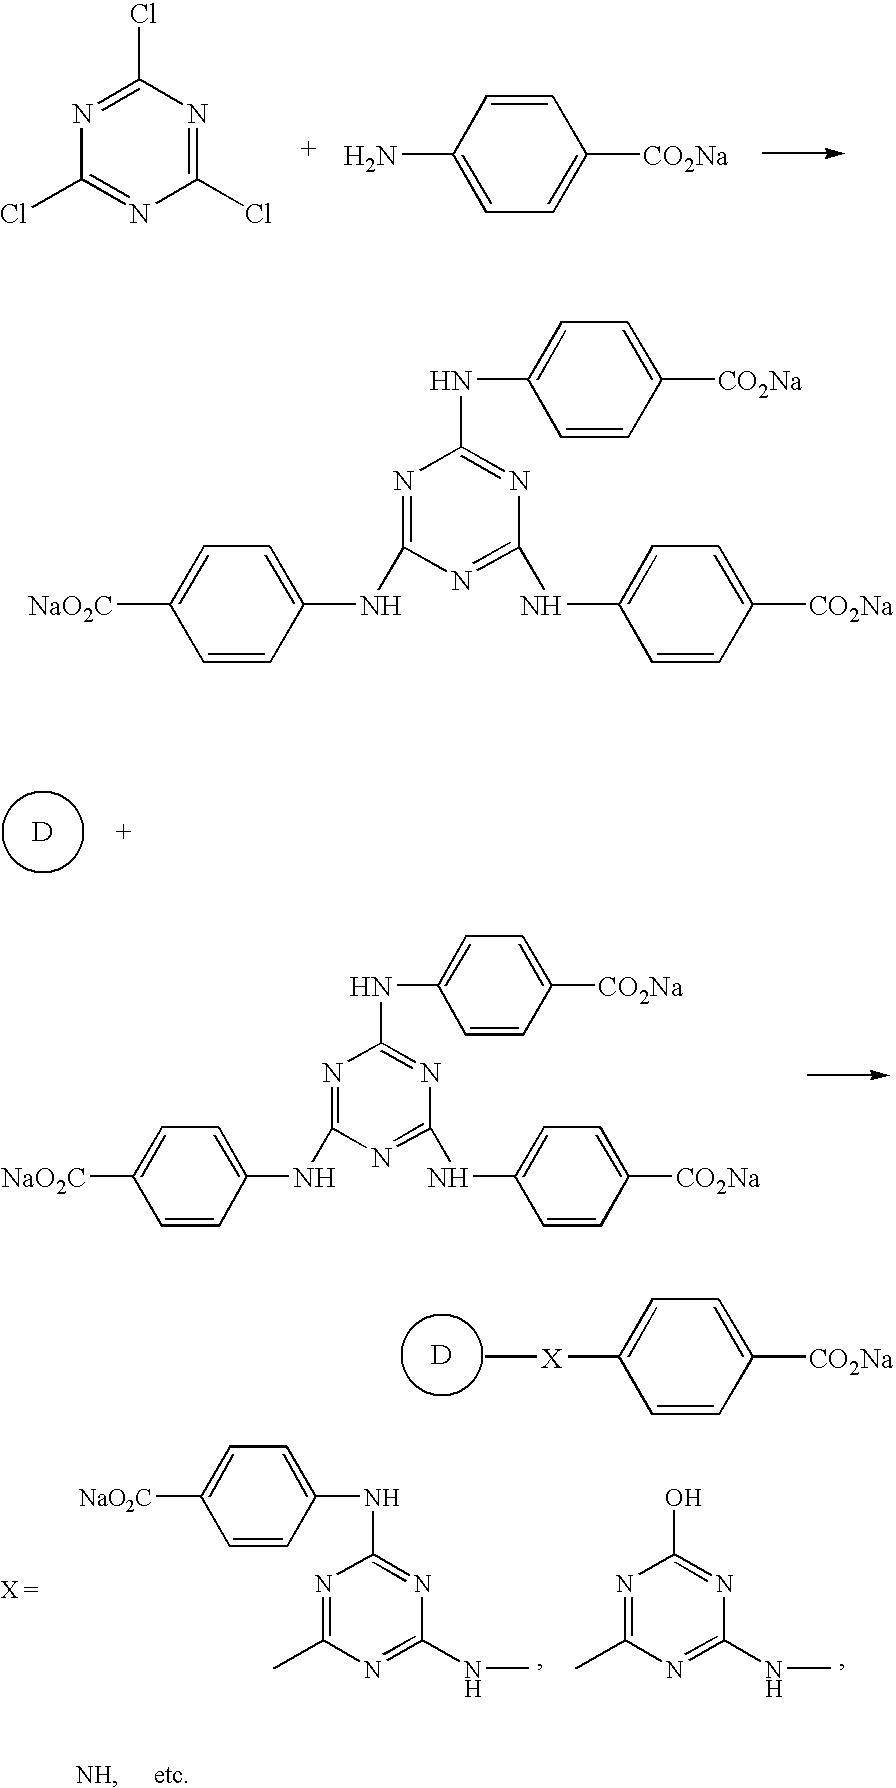 Figure US09221986-20151229-C00002